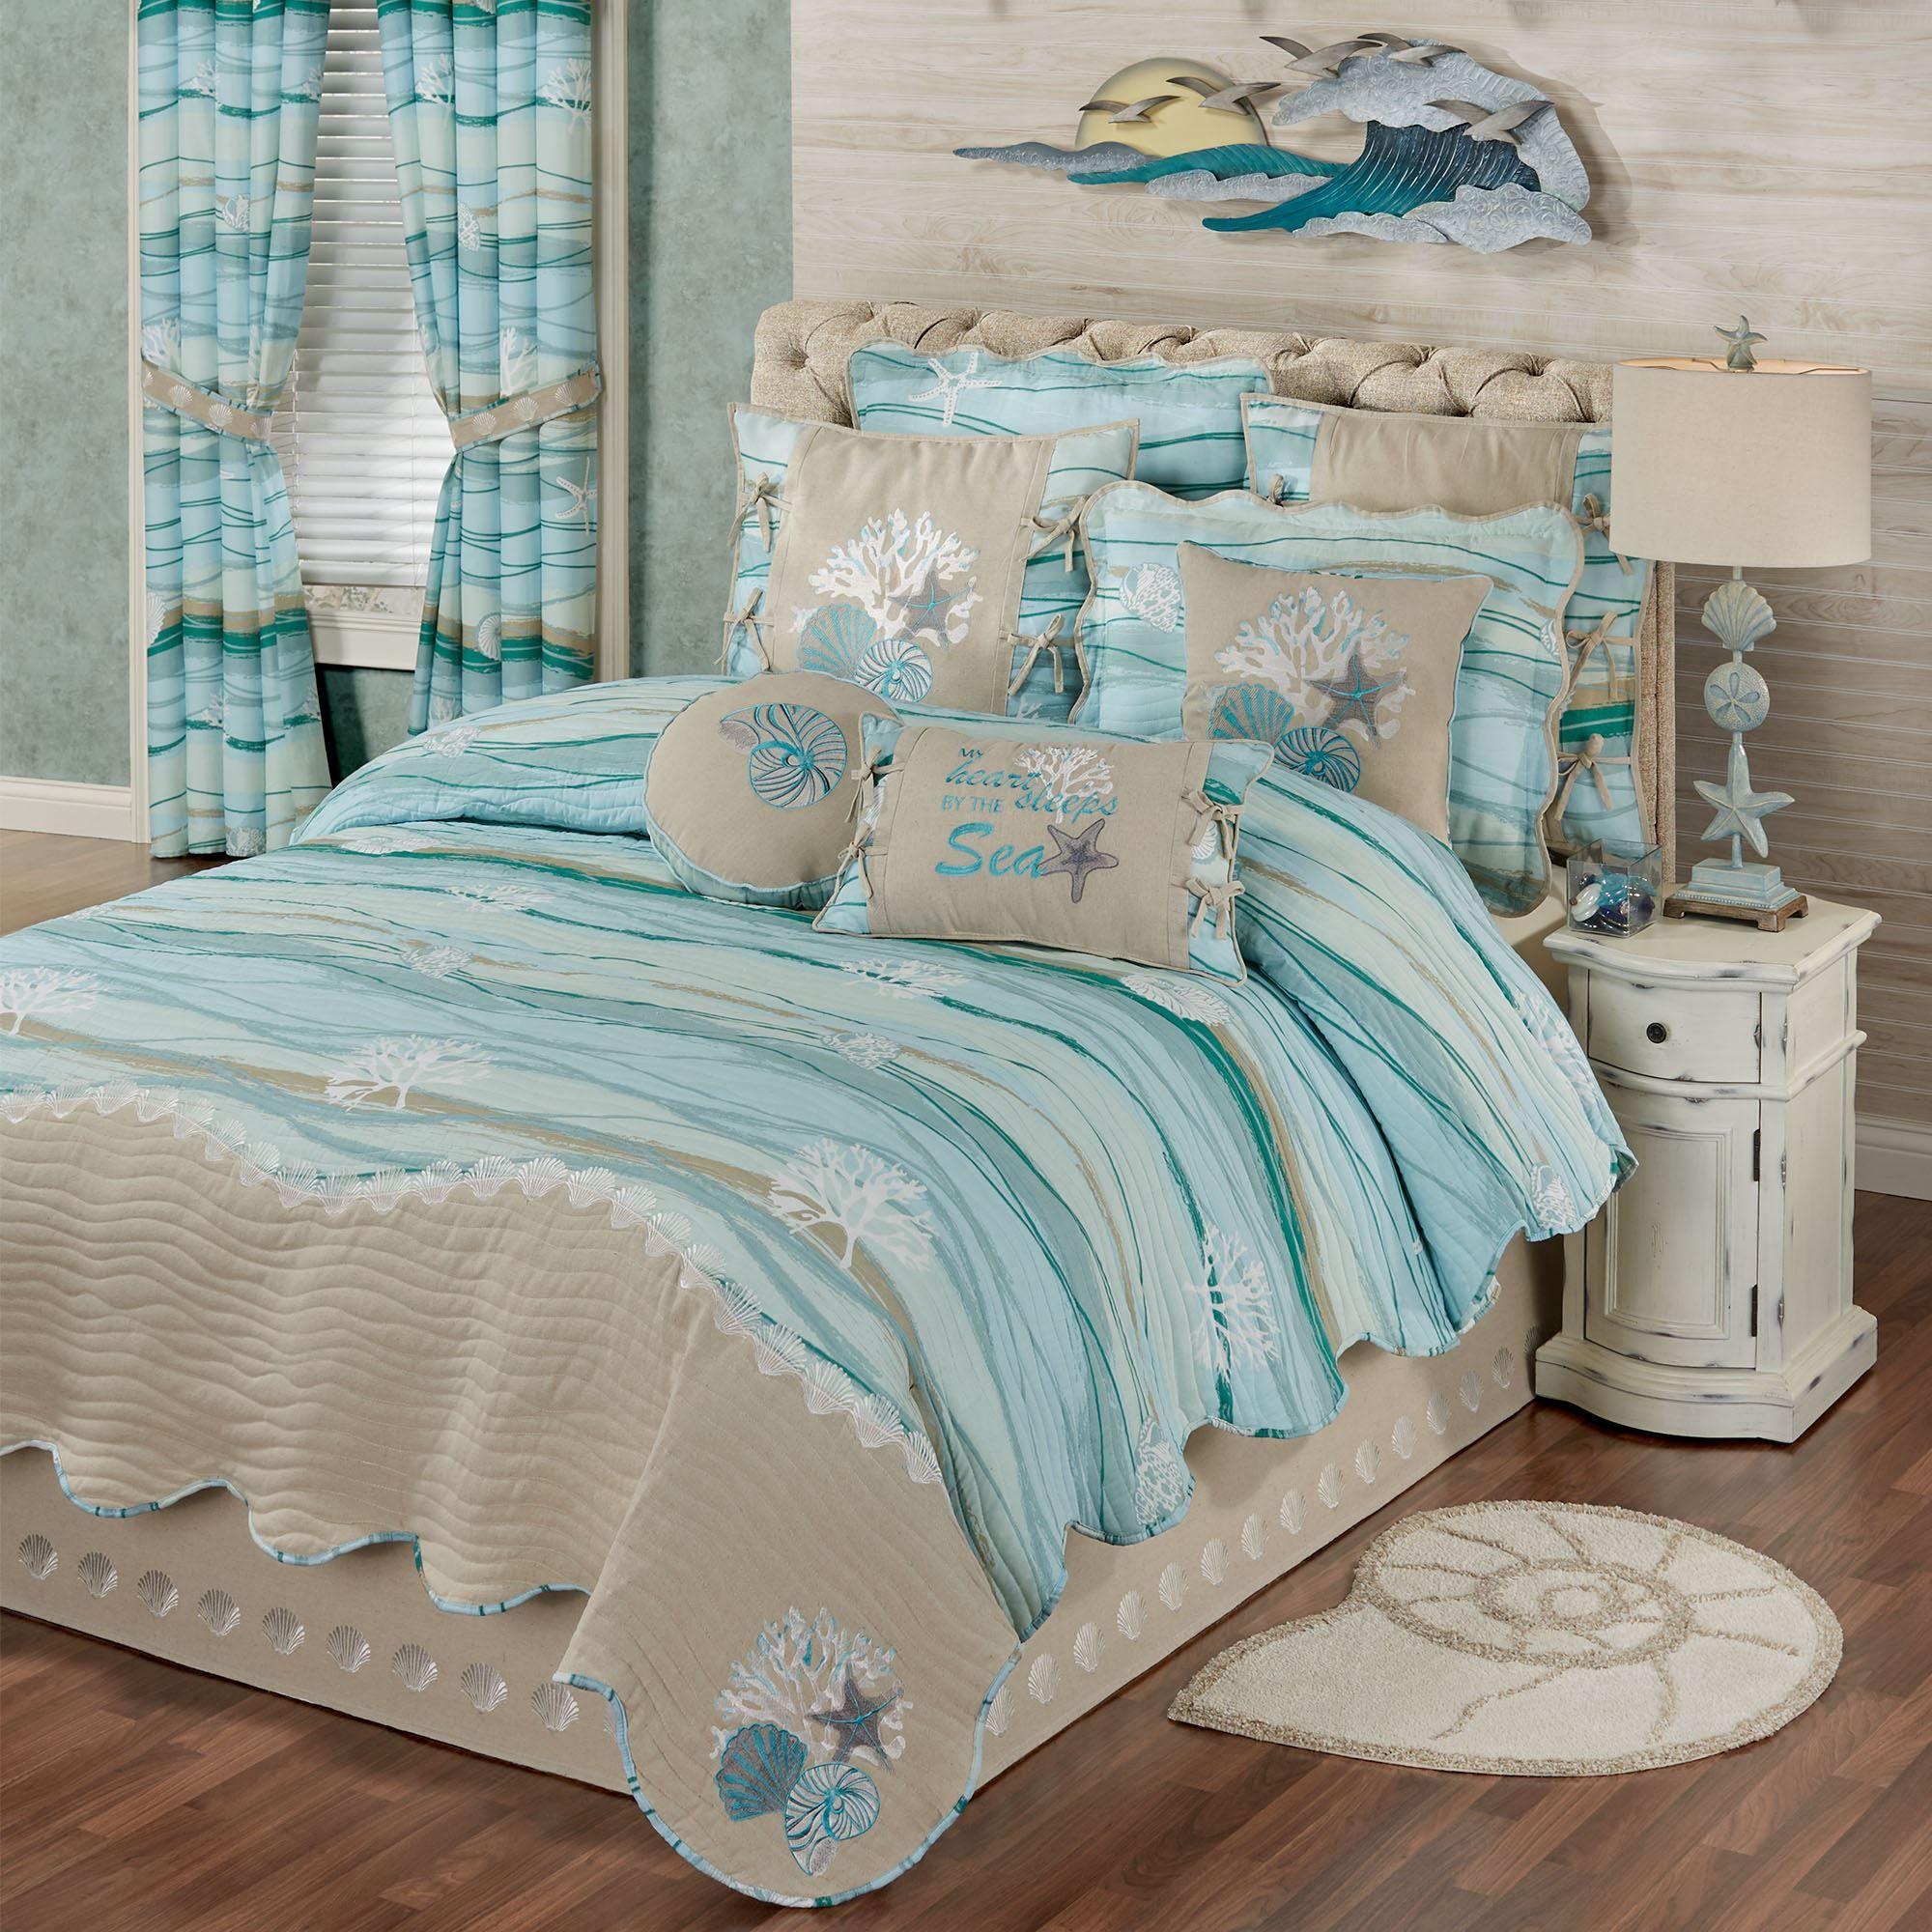 Seaview Ii Coastal Quilt Set Bedding In 2020 Bedroom Themes Coastal Quilt Sets Quilt Sets Bedding